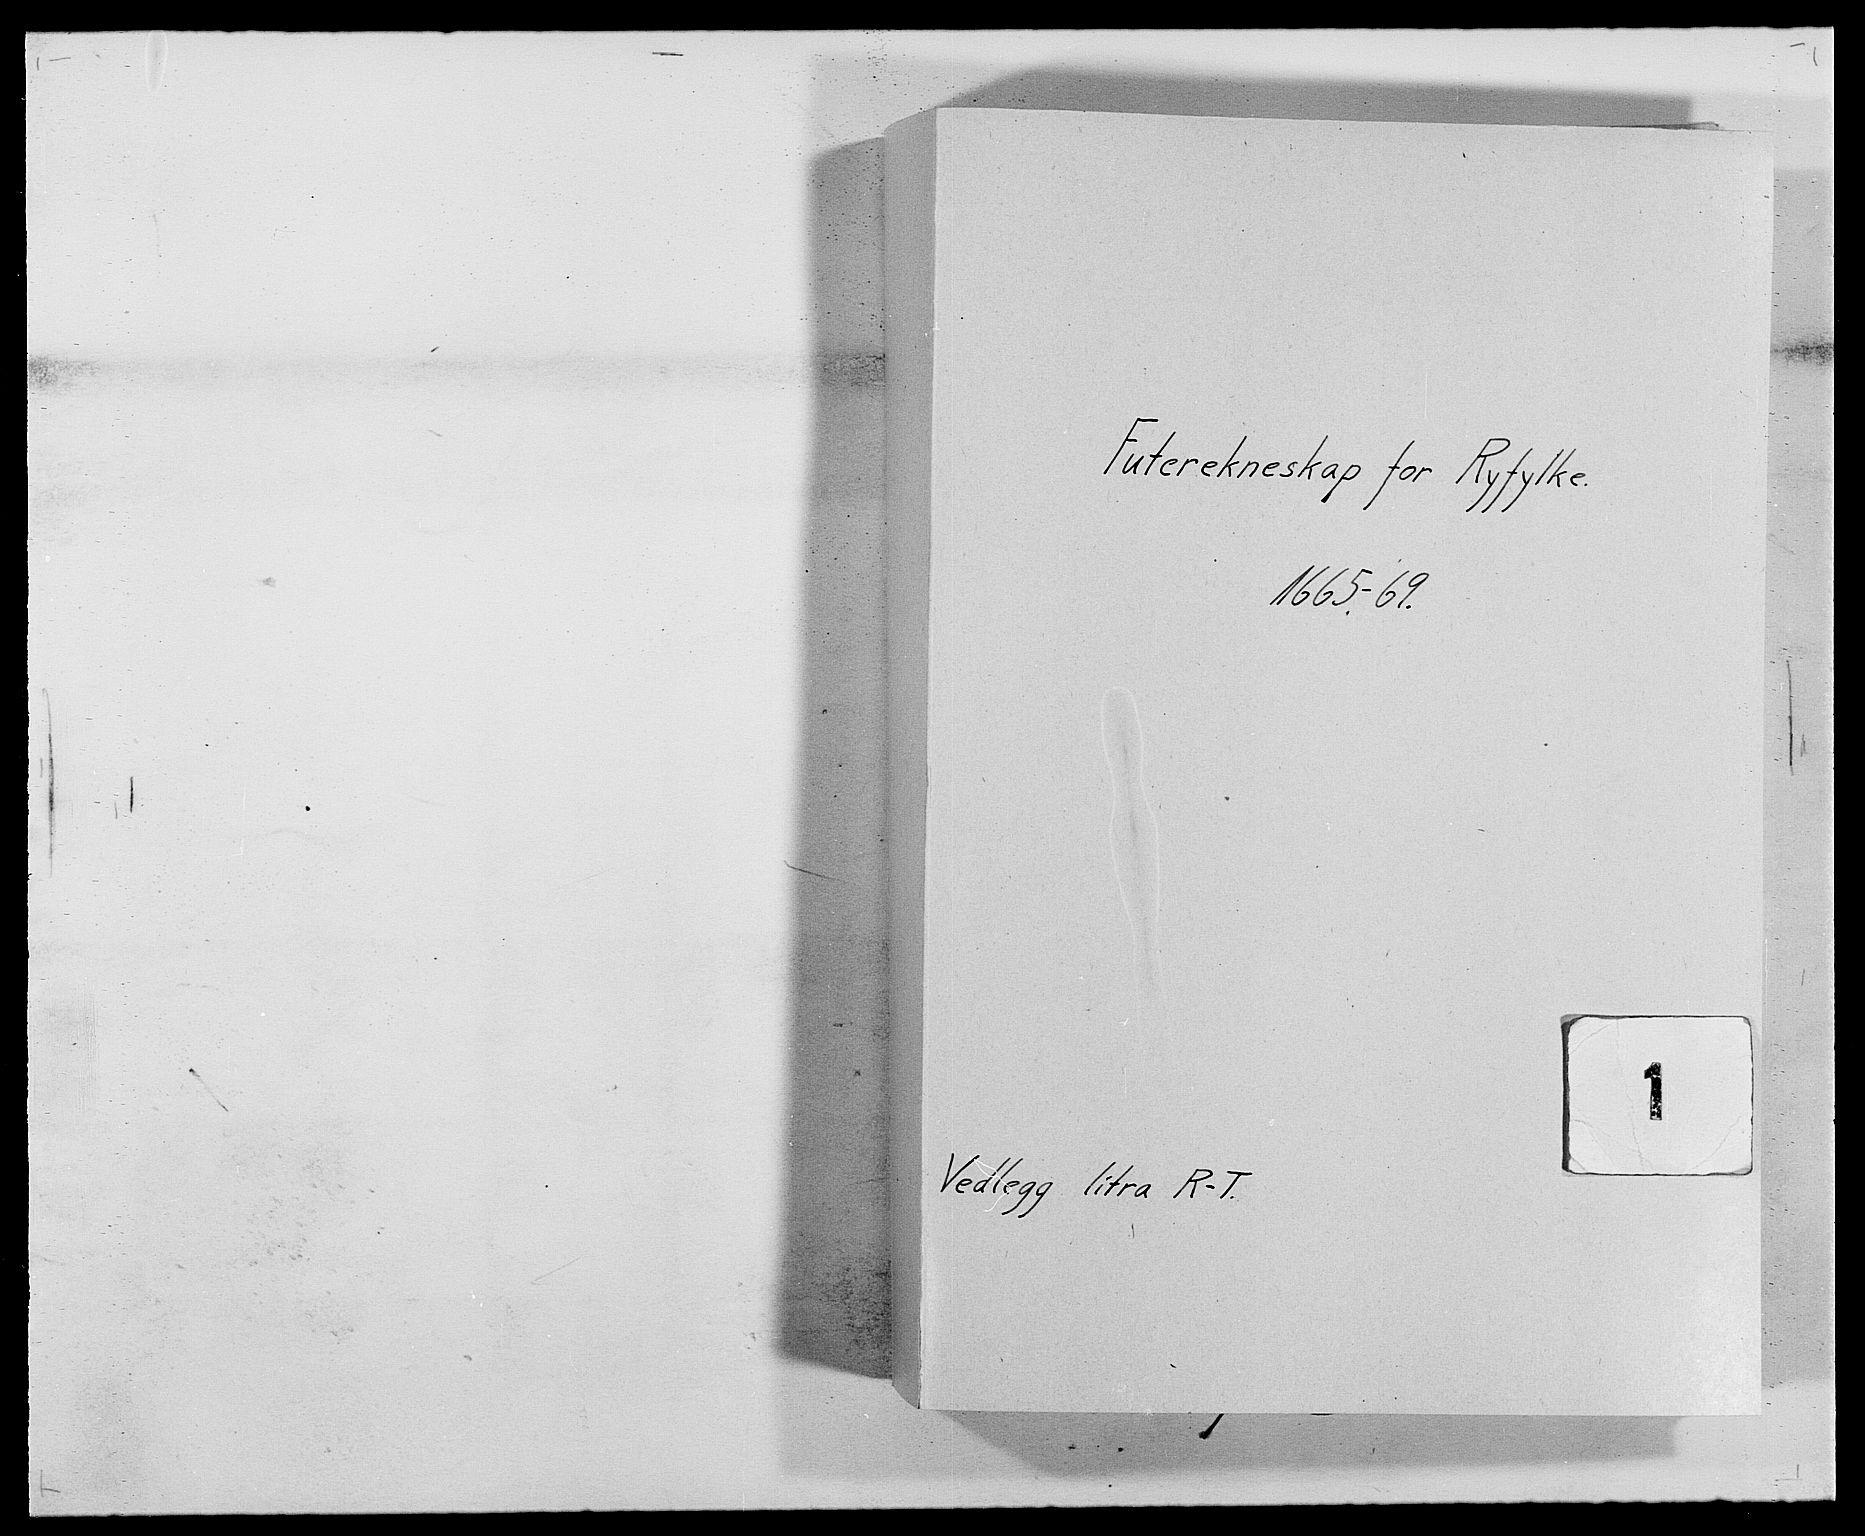 RA, Rentekammeret inntil 1814, Reviderte regnskaper, Fogderegnskap, R47/L2841: Fogderegnskap Ryfylke, 1665-1669, s. 138